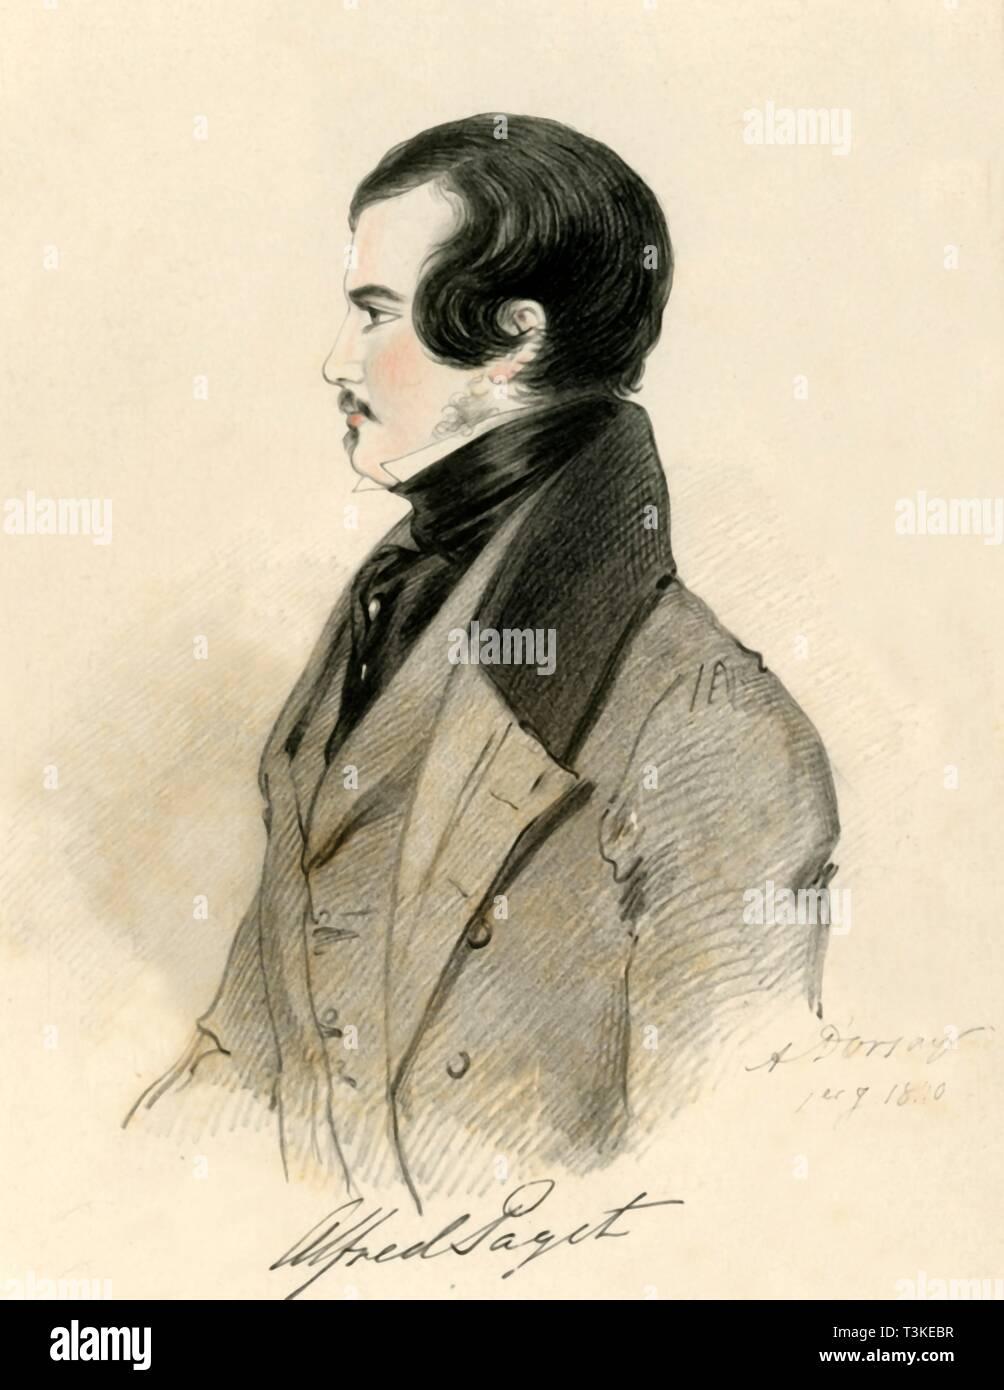 'Alfred Paget', 1840. Creator: Richard James Lane. - Stock Image